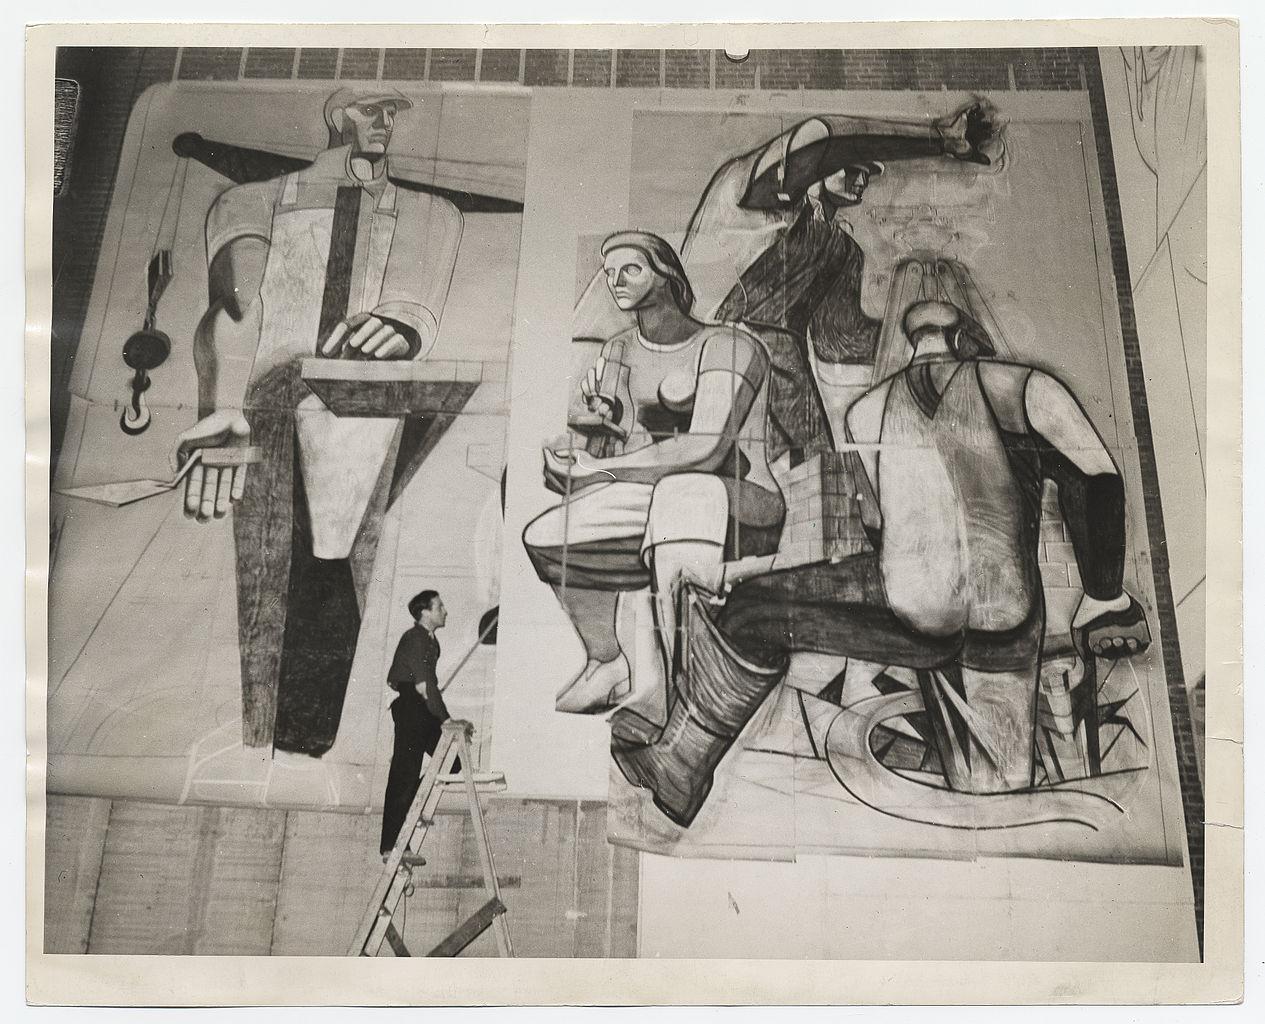 Philip Guston en train de peindre une fresque (Archives of American Art)